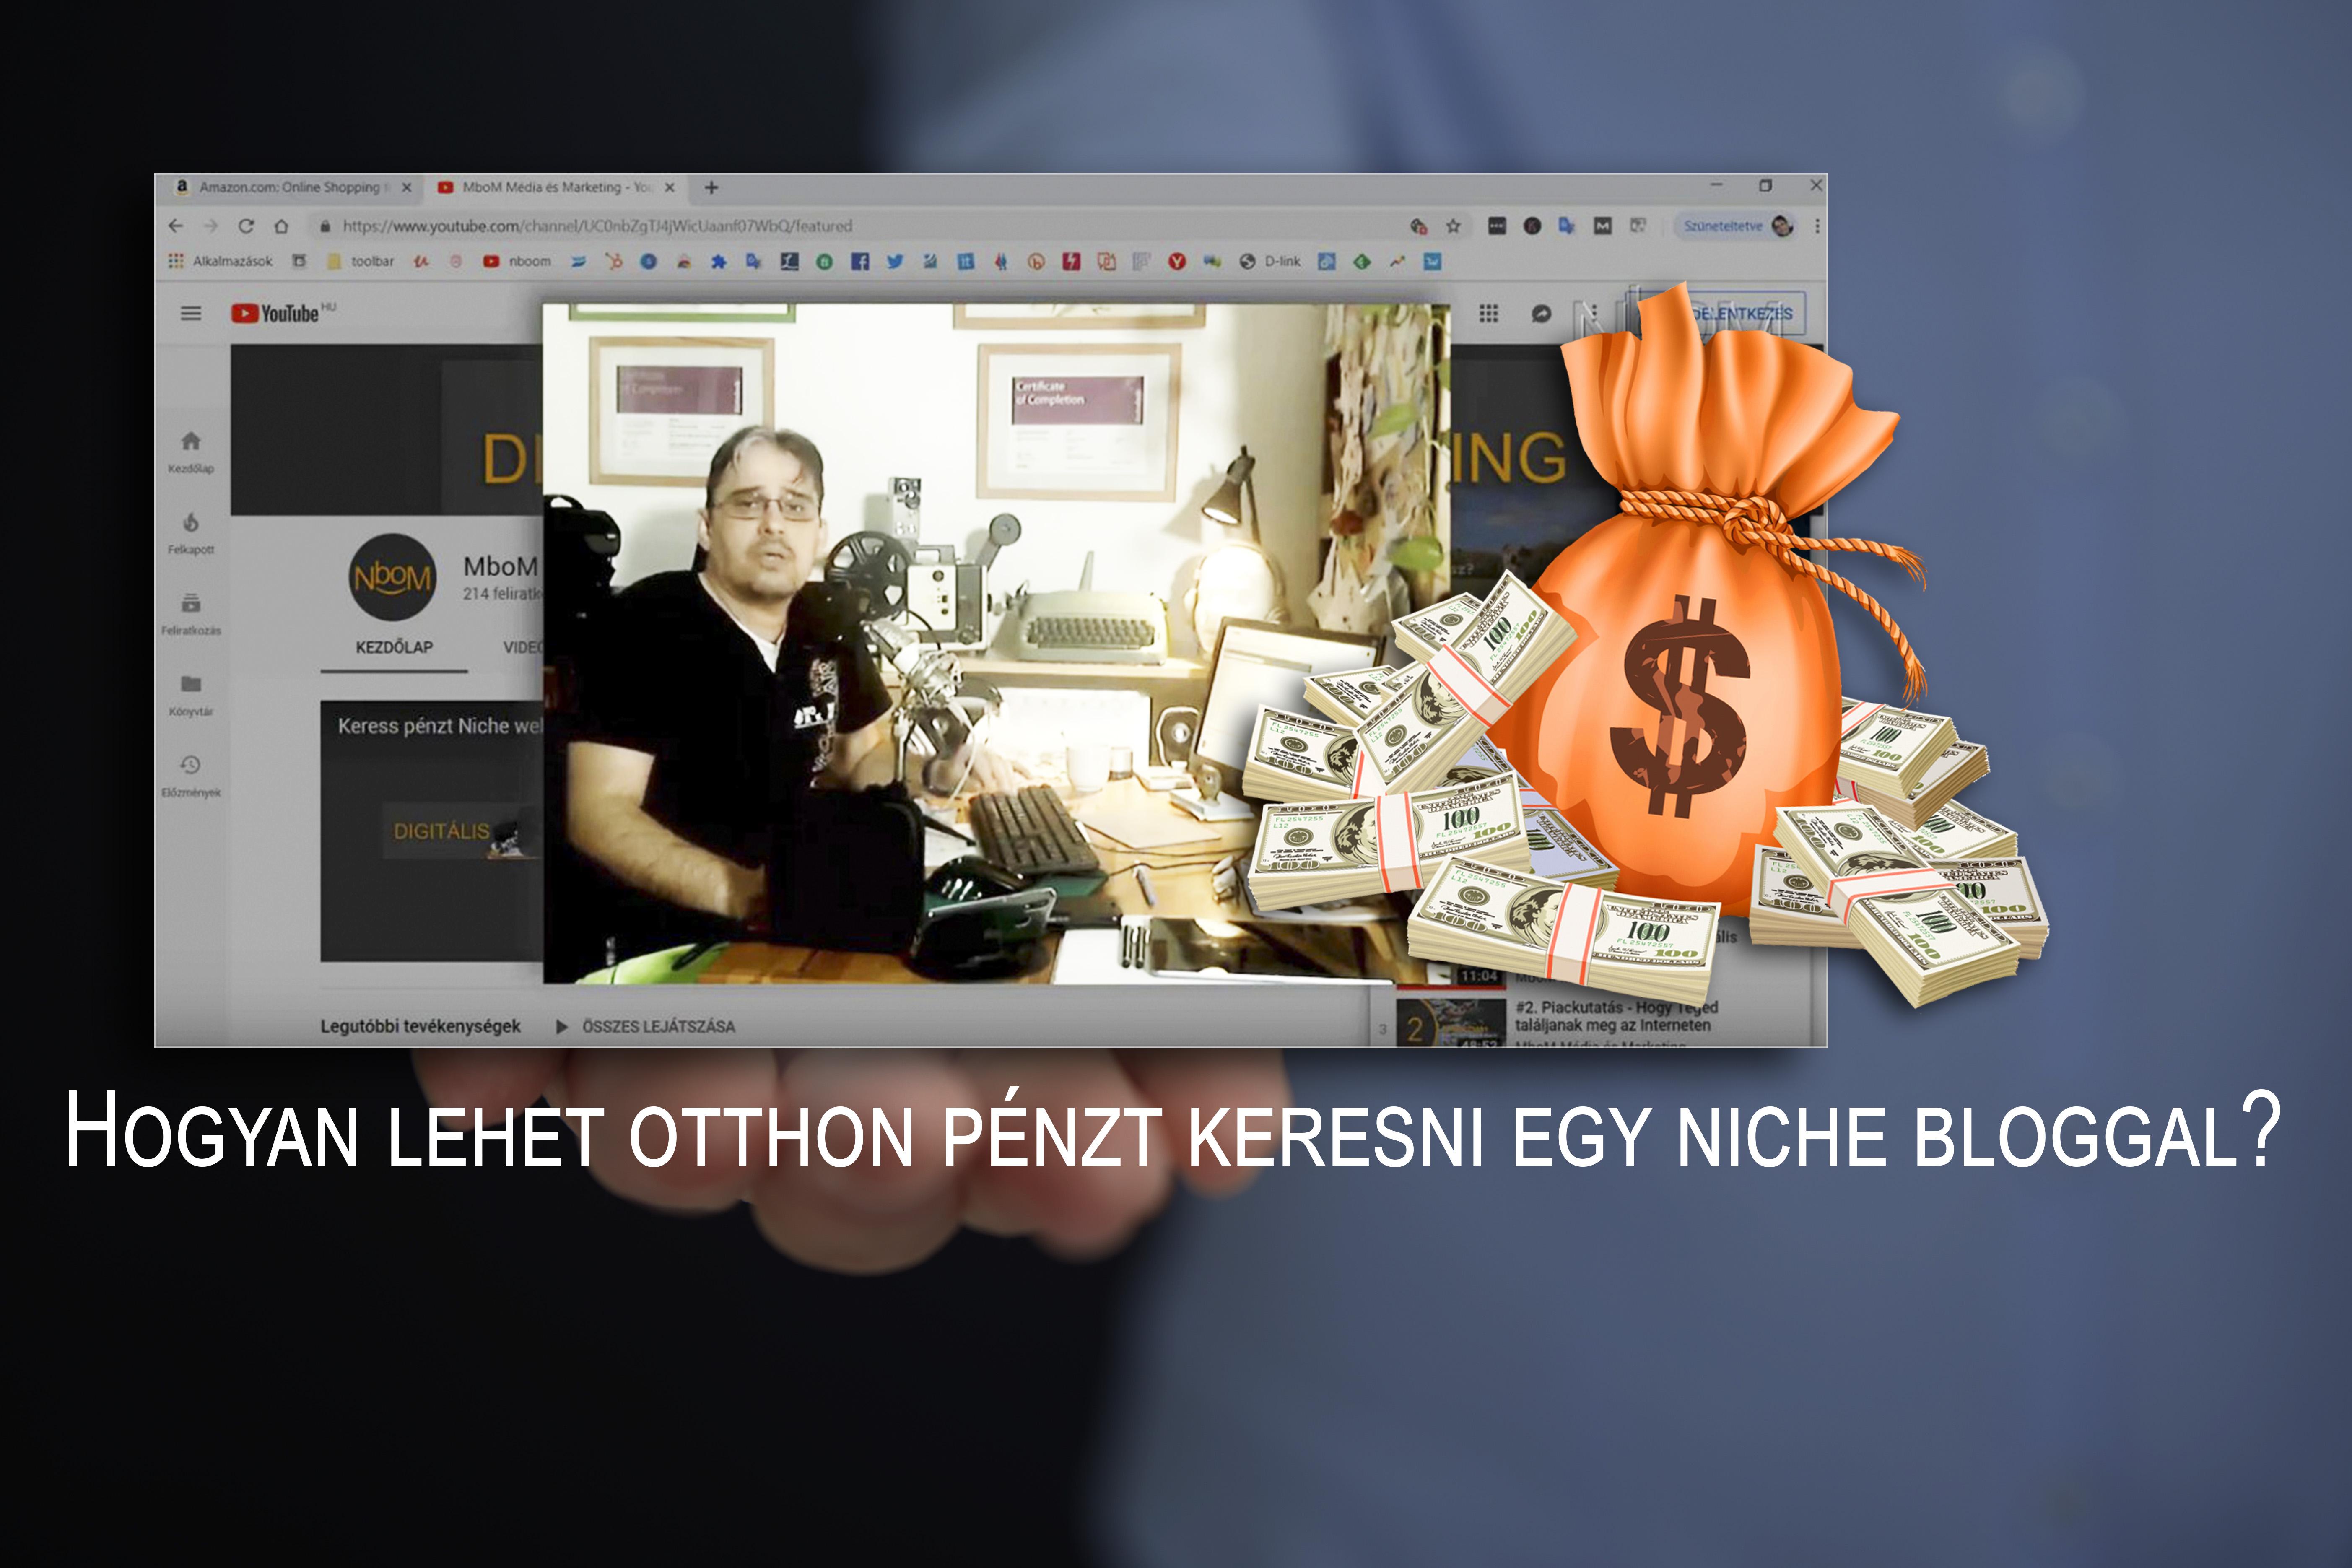 Internet hogyan lehet pénzt keresni az interneten opciók kinevezése